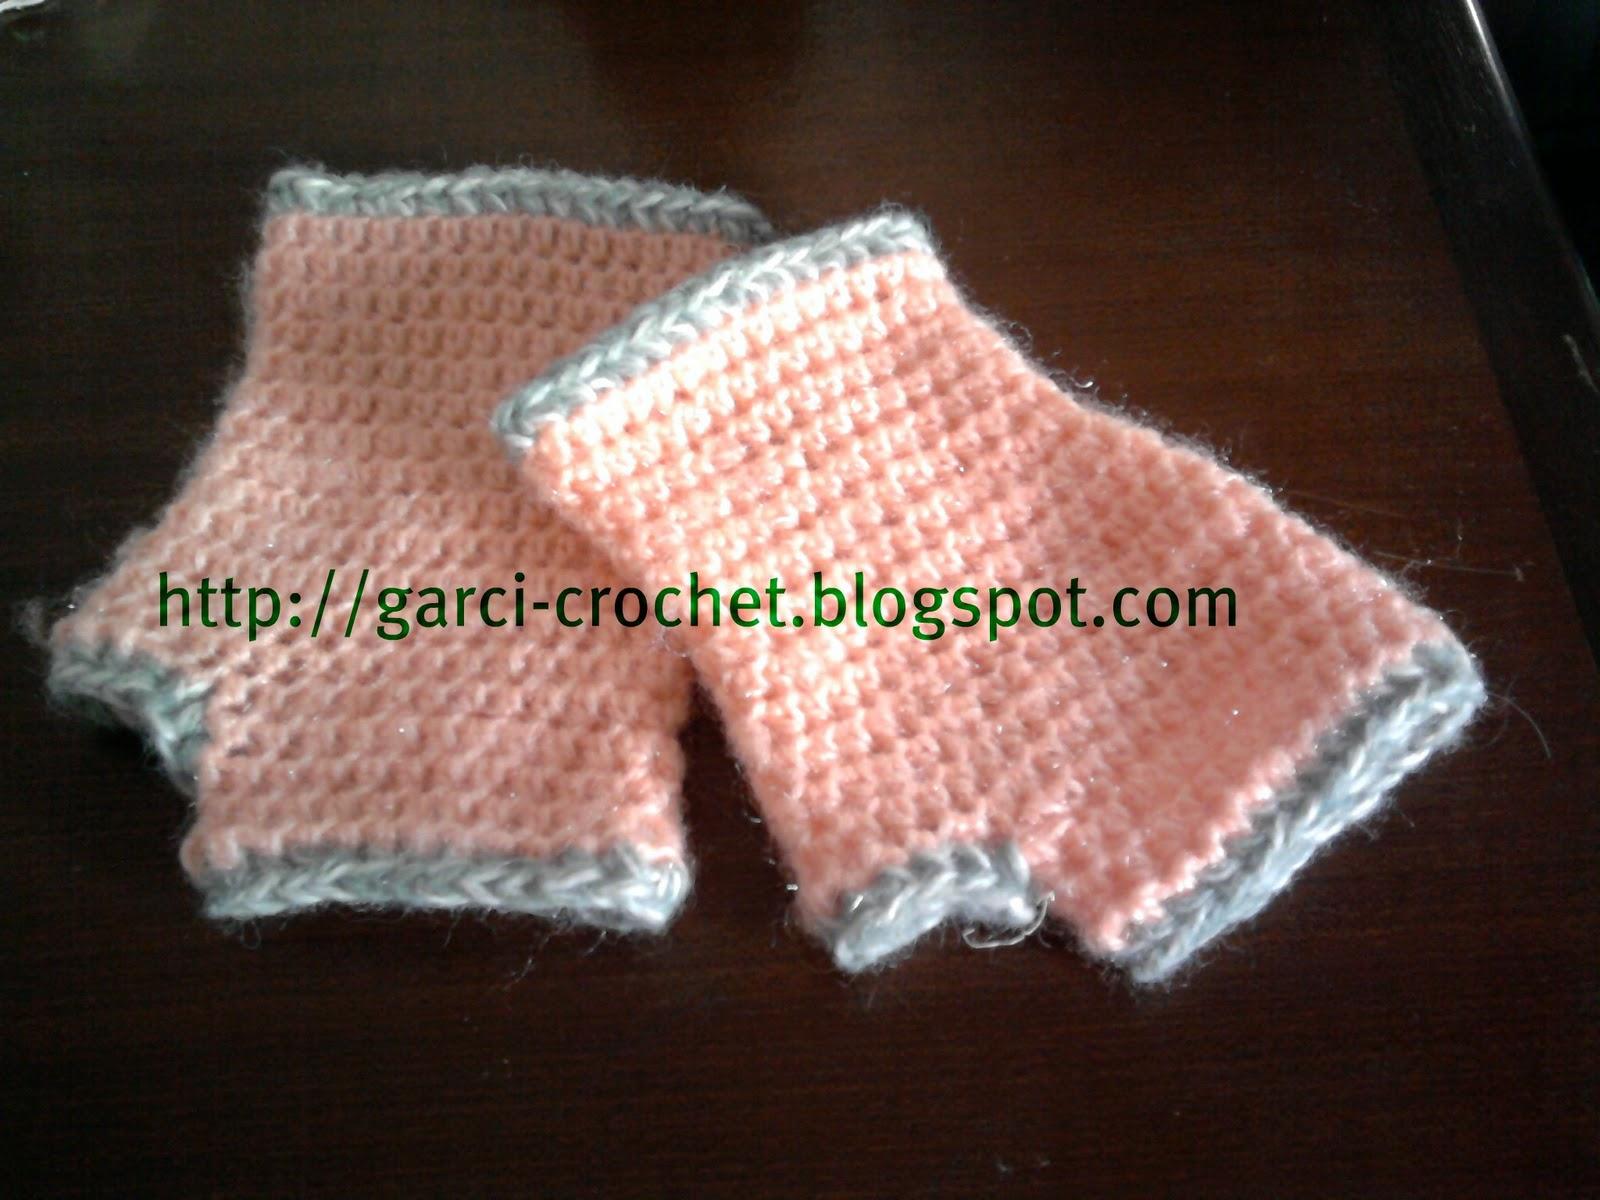 Garci crochet charpe en laine mohair et mitaines au crochet - Demi bride au crochet ...